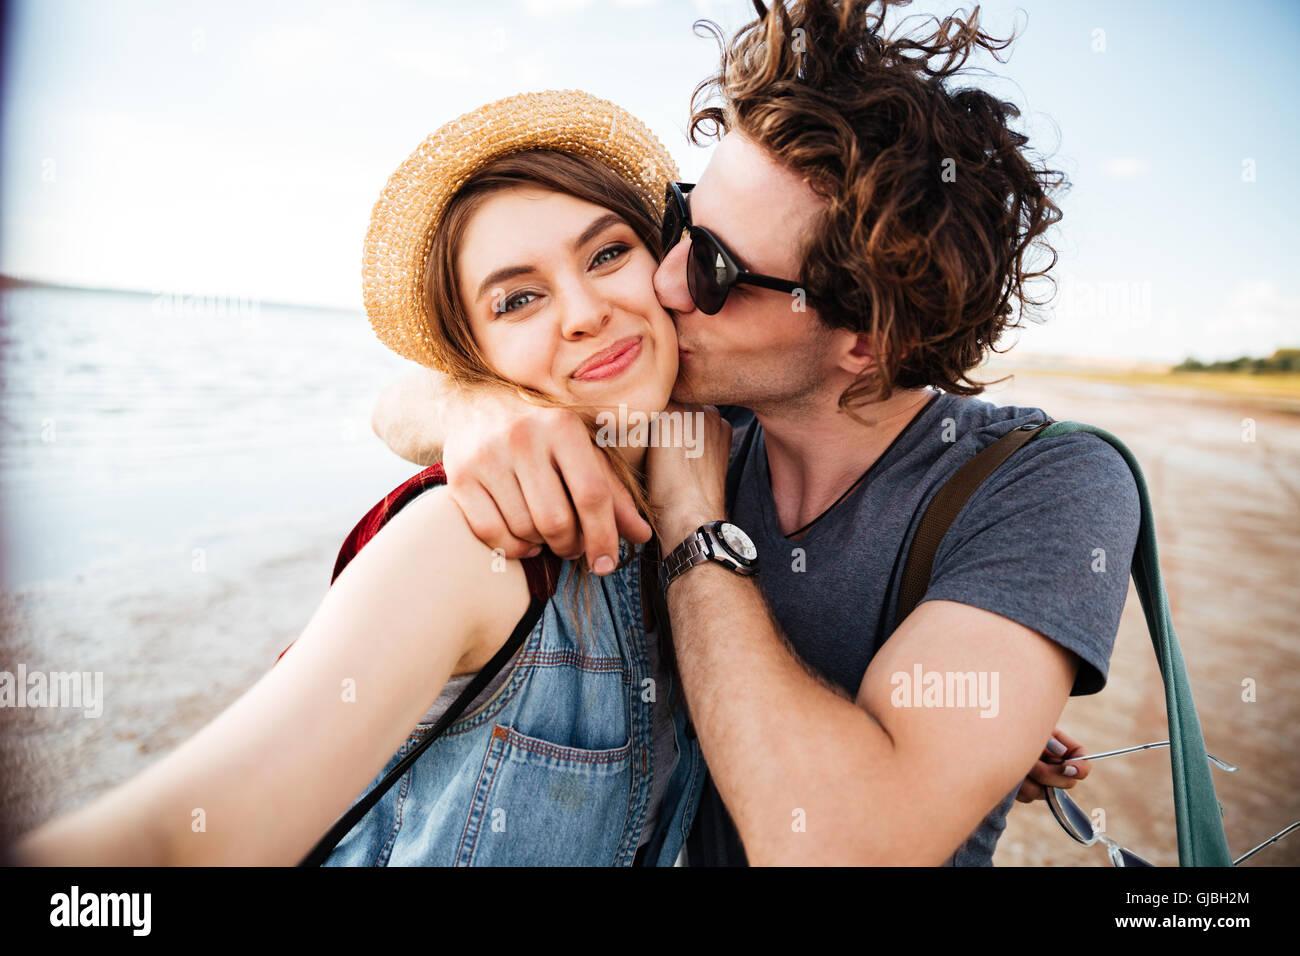 Felice coppia giovane baciare e tenendo selfie all'aperto Immagini Stock